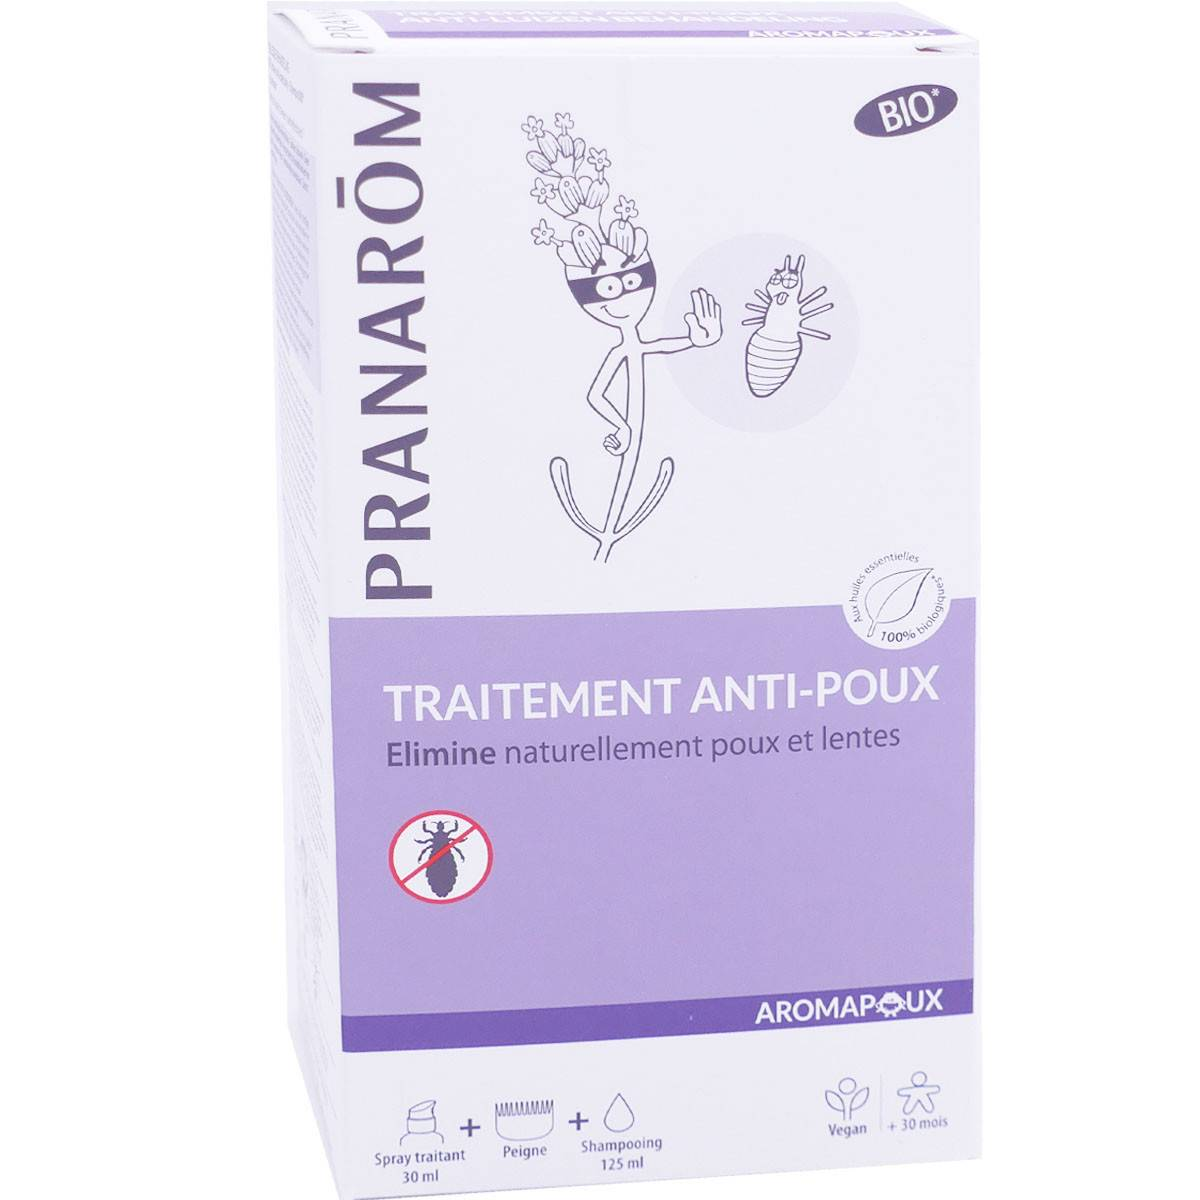 Pranarom traitement anti-poux aromapoux bio 2 soins + peigne